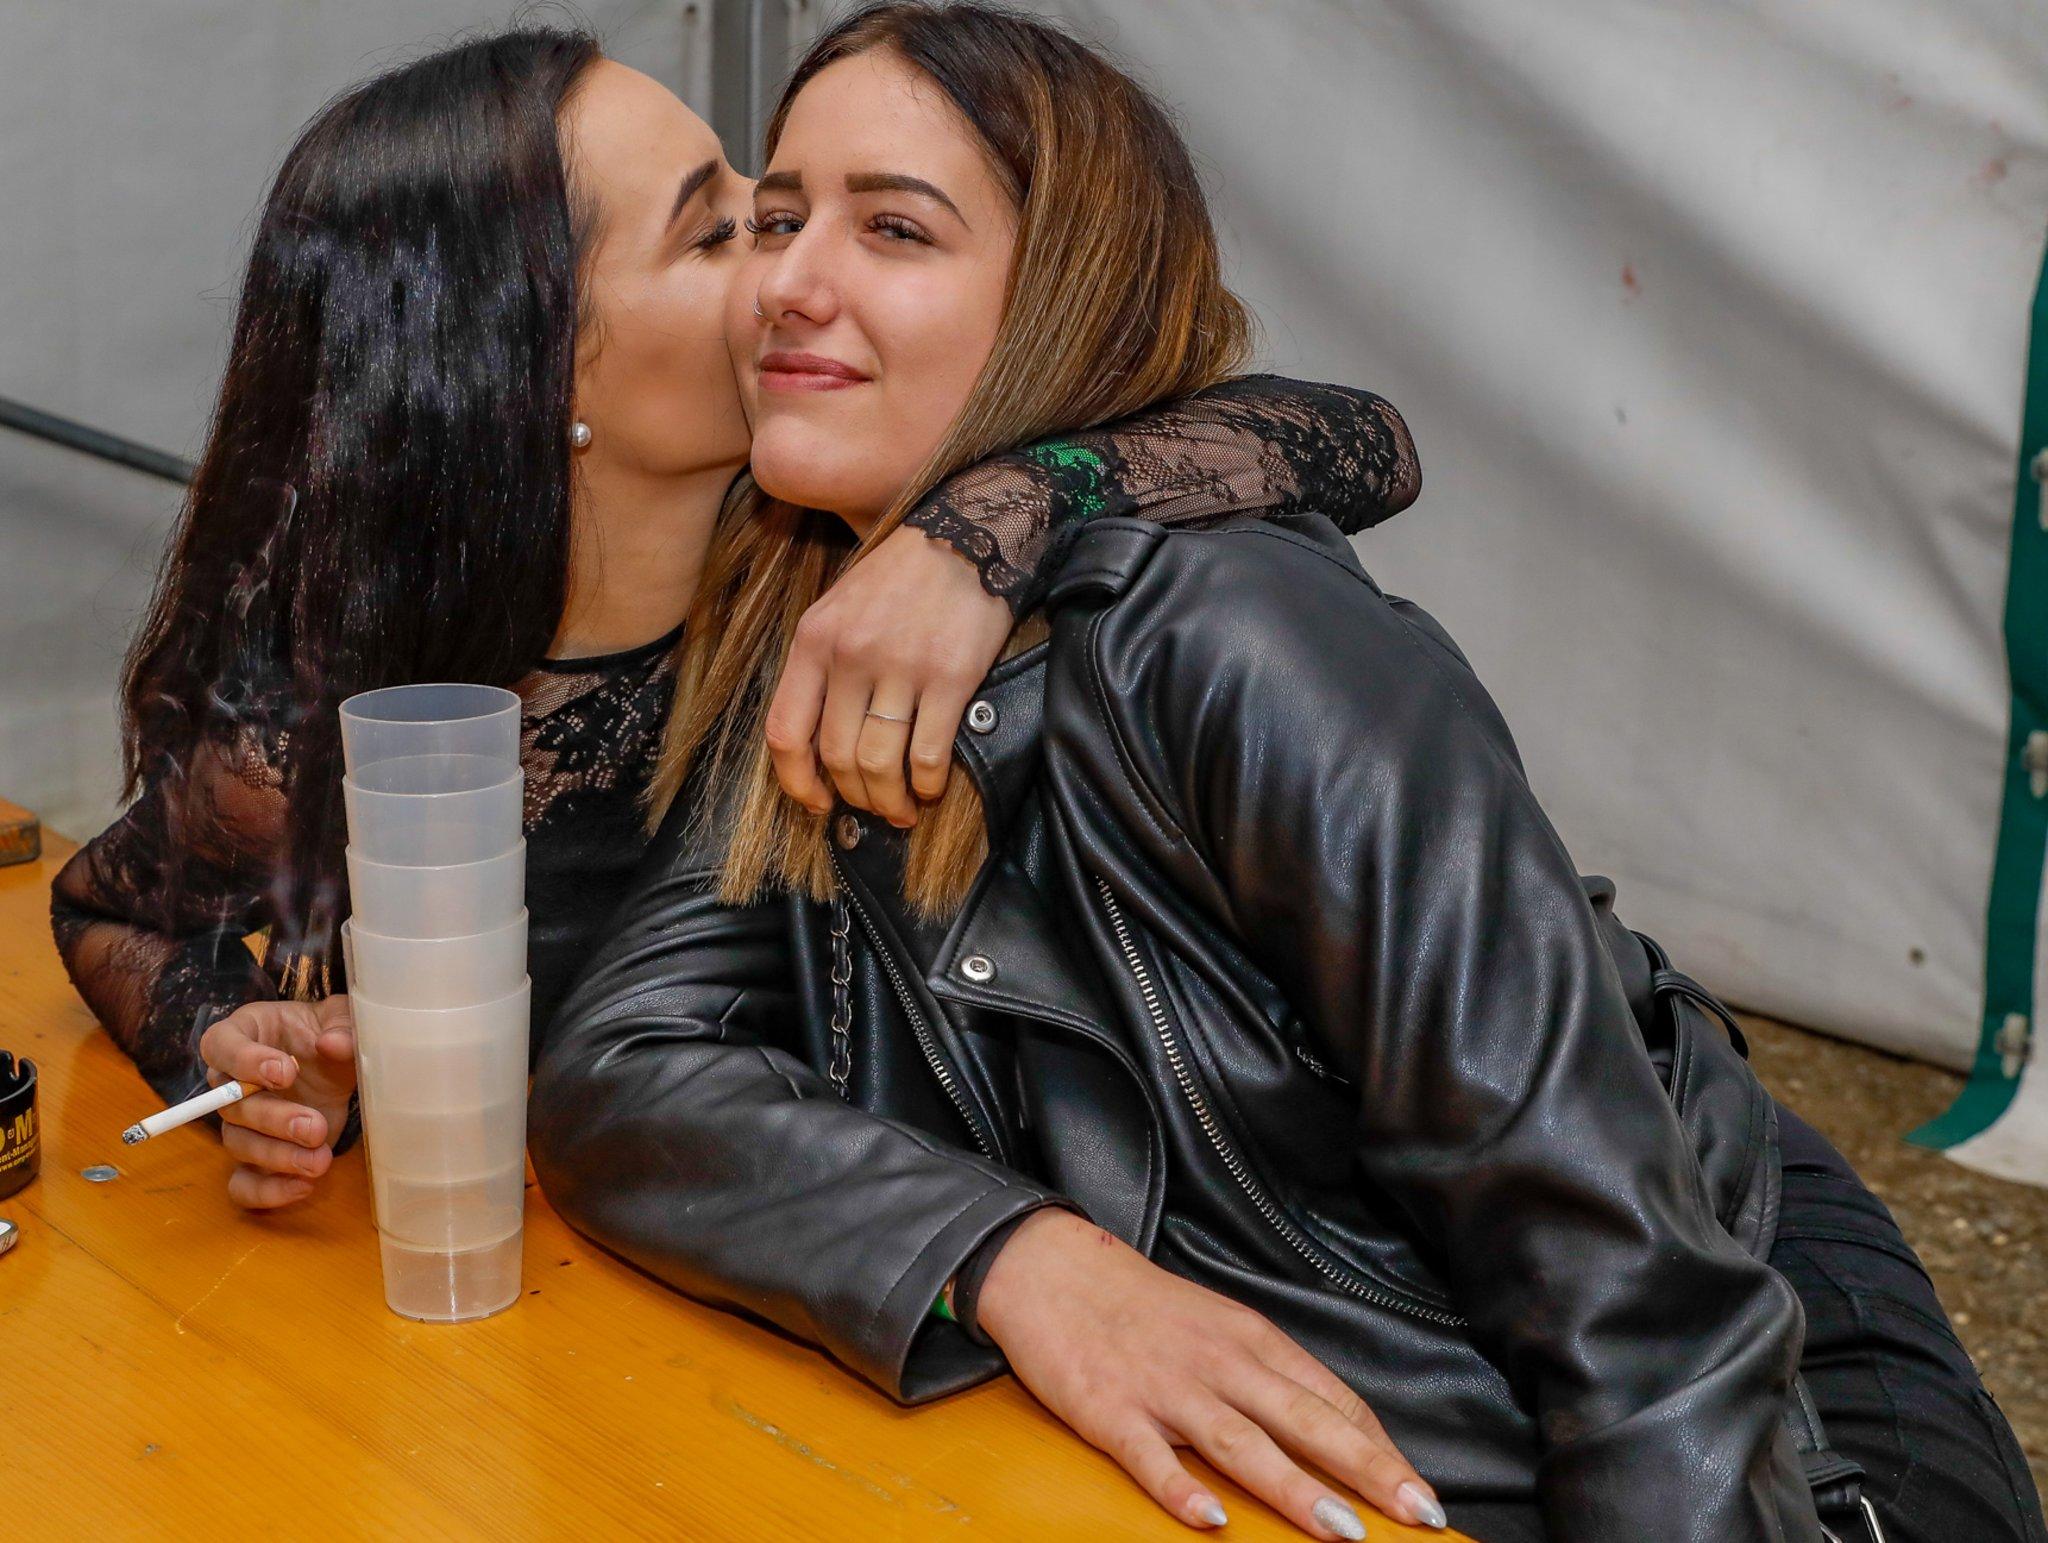 Zell an der pram dating seiten: Kostenlose sex treffen osnabrck